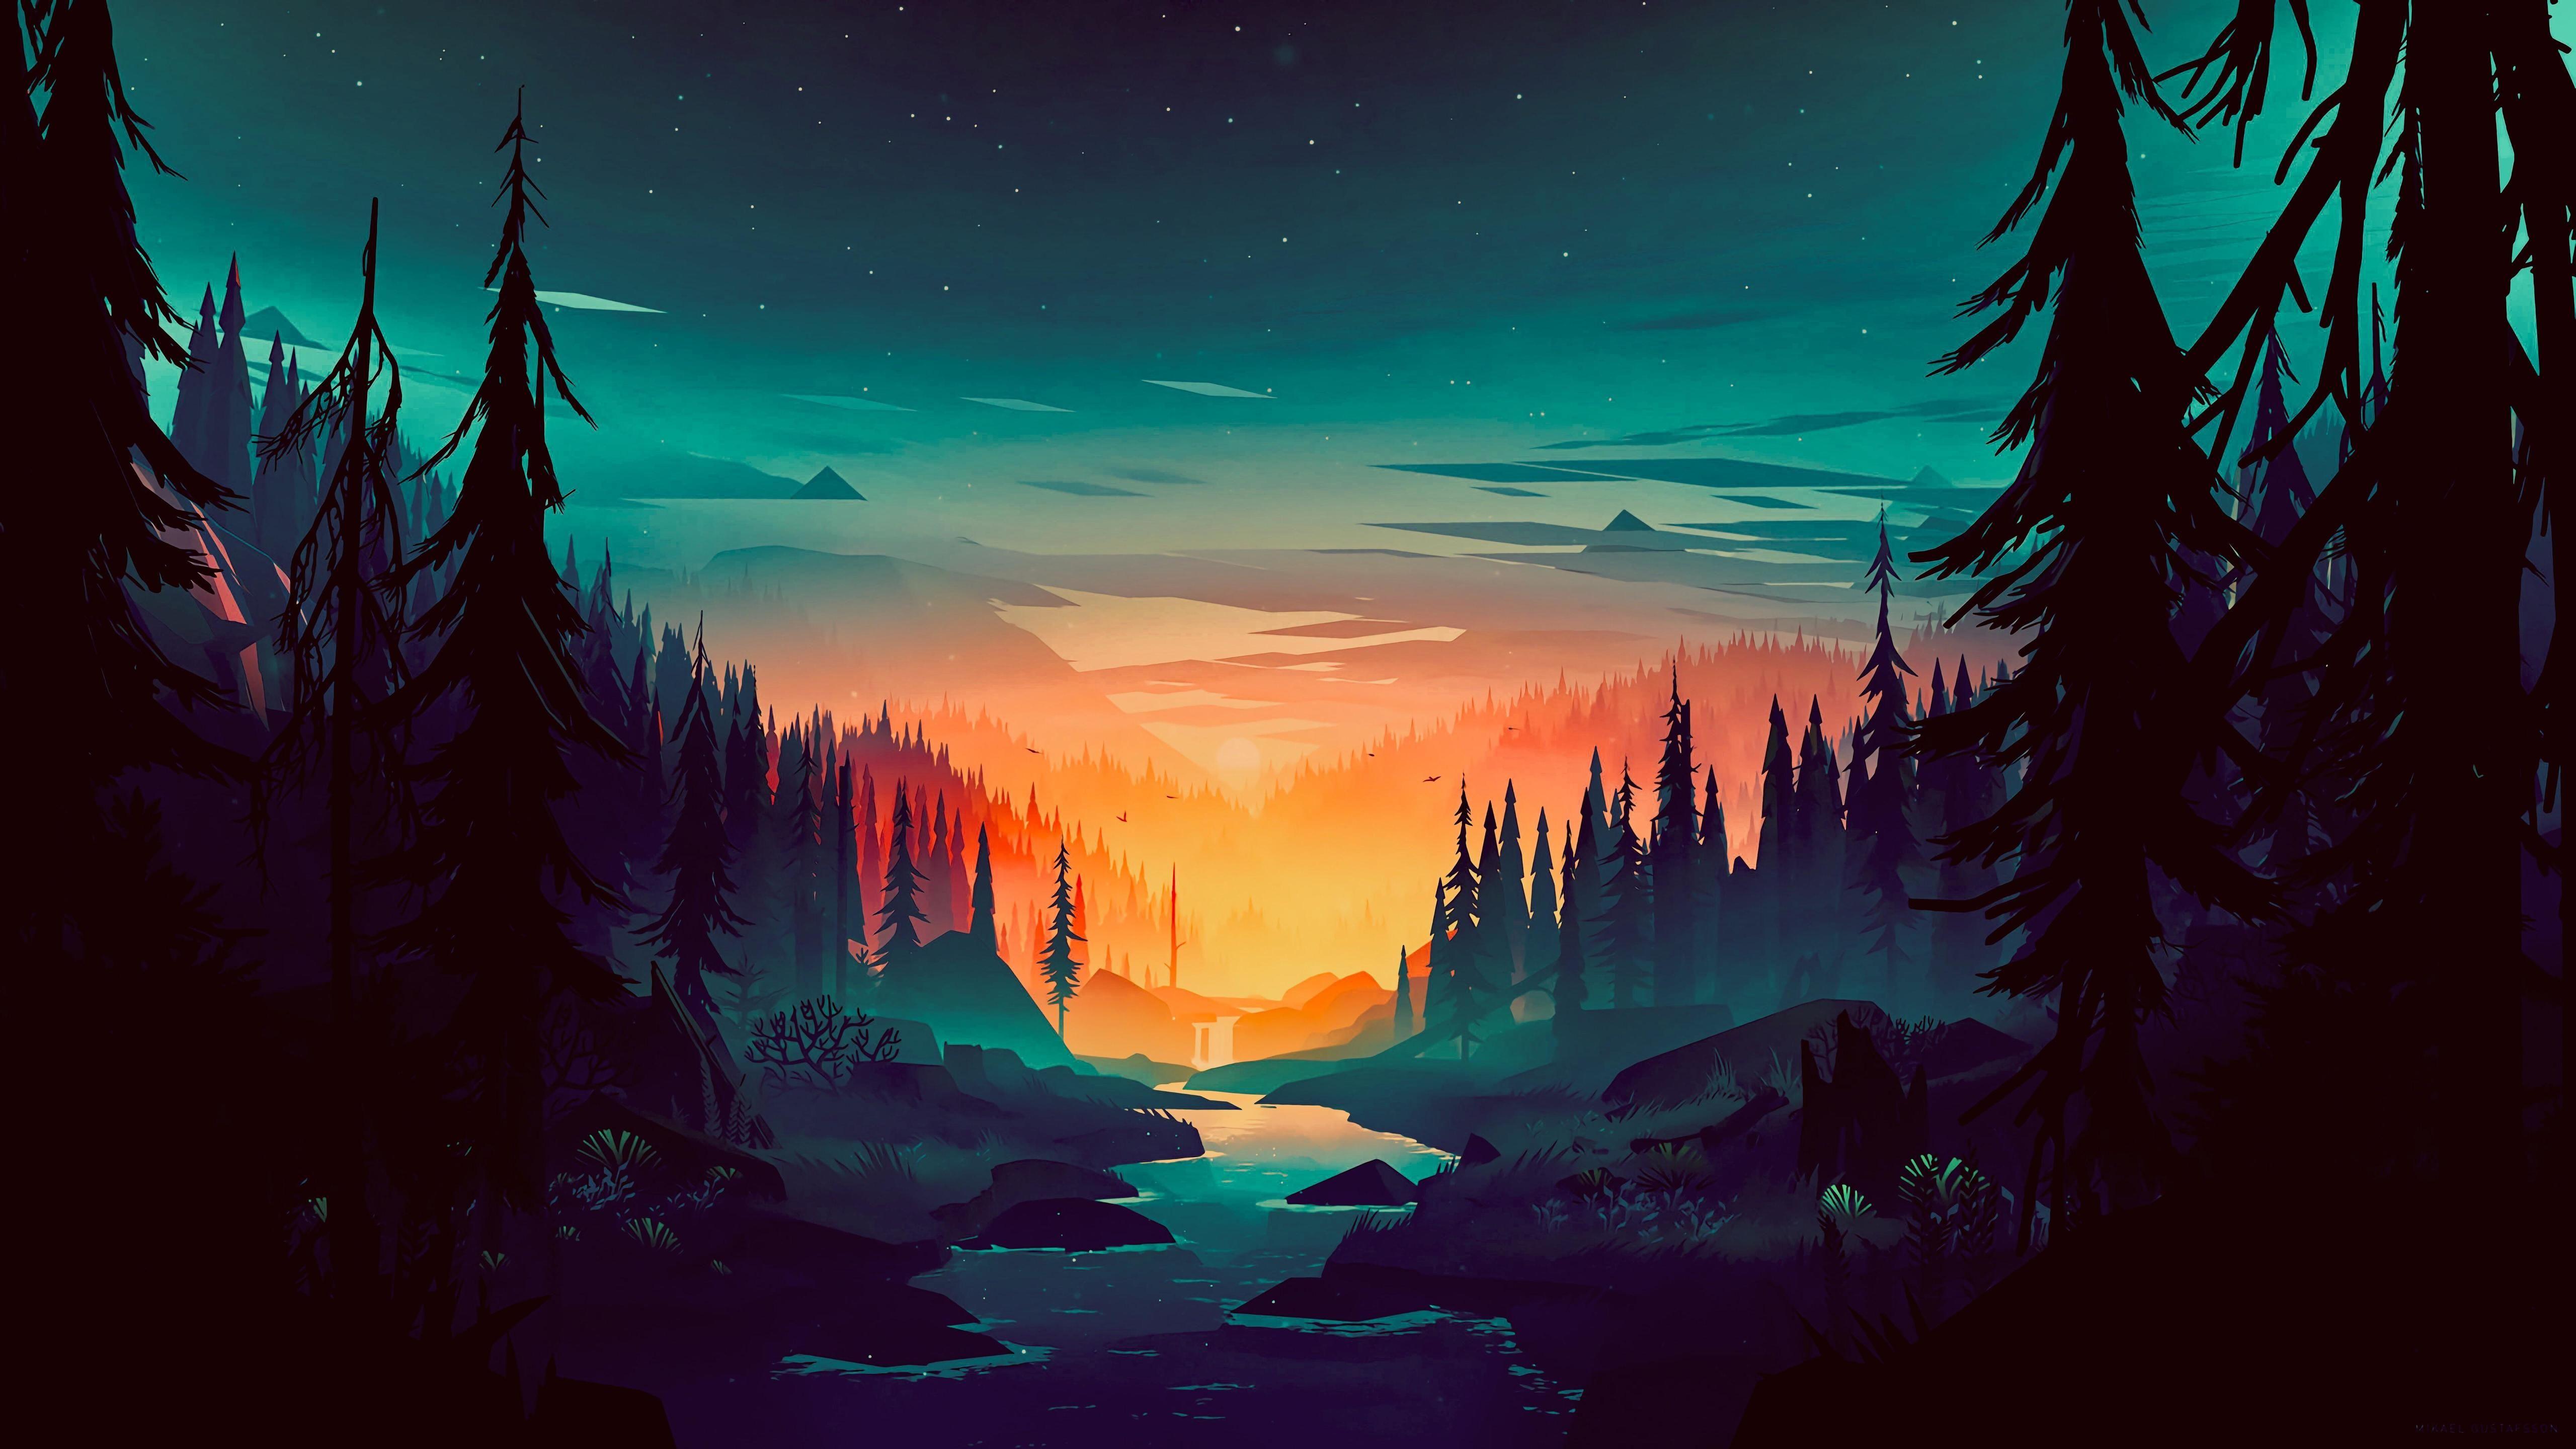 8k Wallpaper For Pc Download In 2020 Scenery Wallpaper Landscape Wallpaper Desktop Wallpaper Art